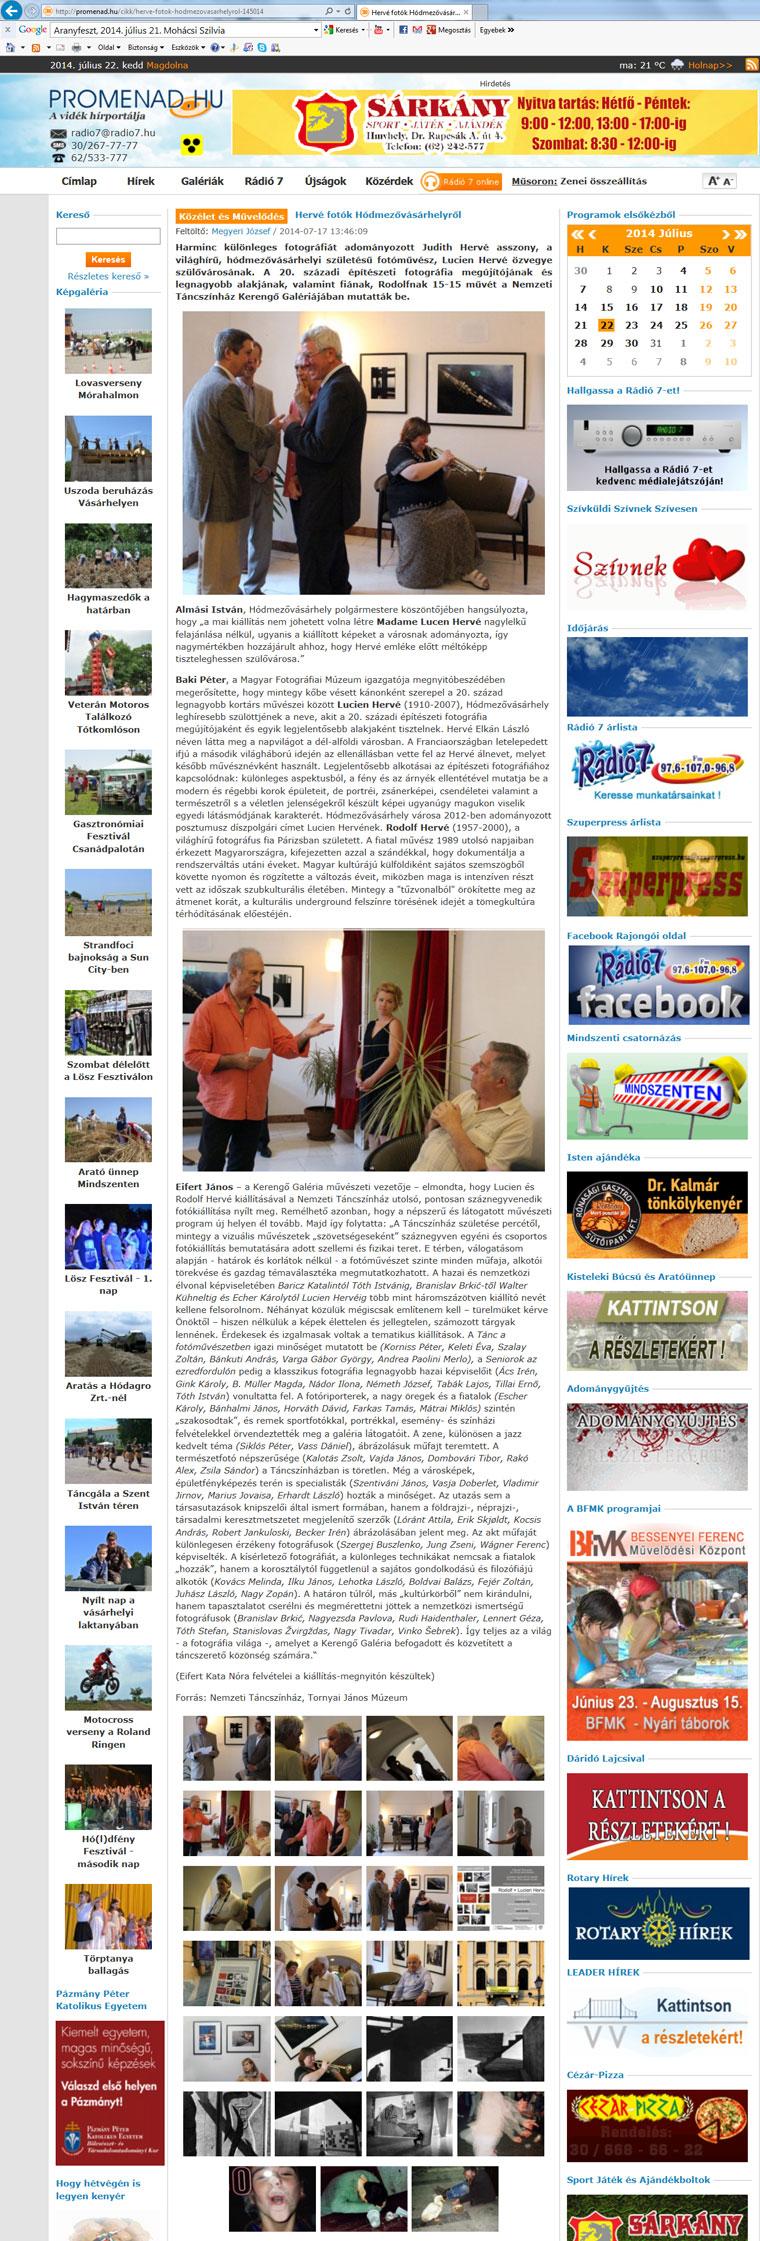 2014.07.17.-Promenad.hu, Hervé fotók Hódmezővásárhelyről